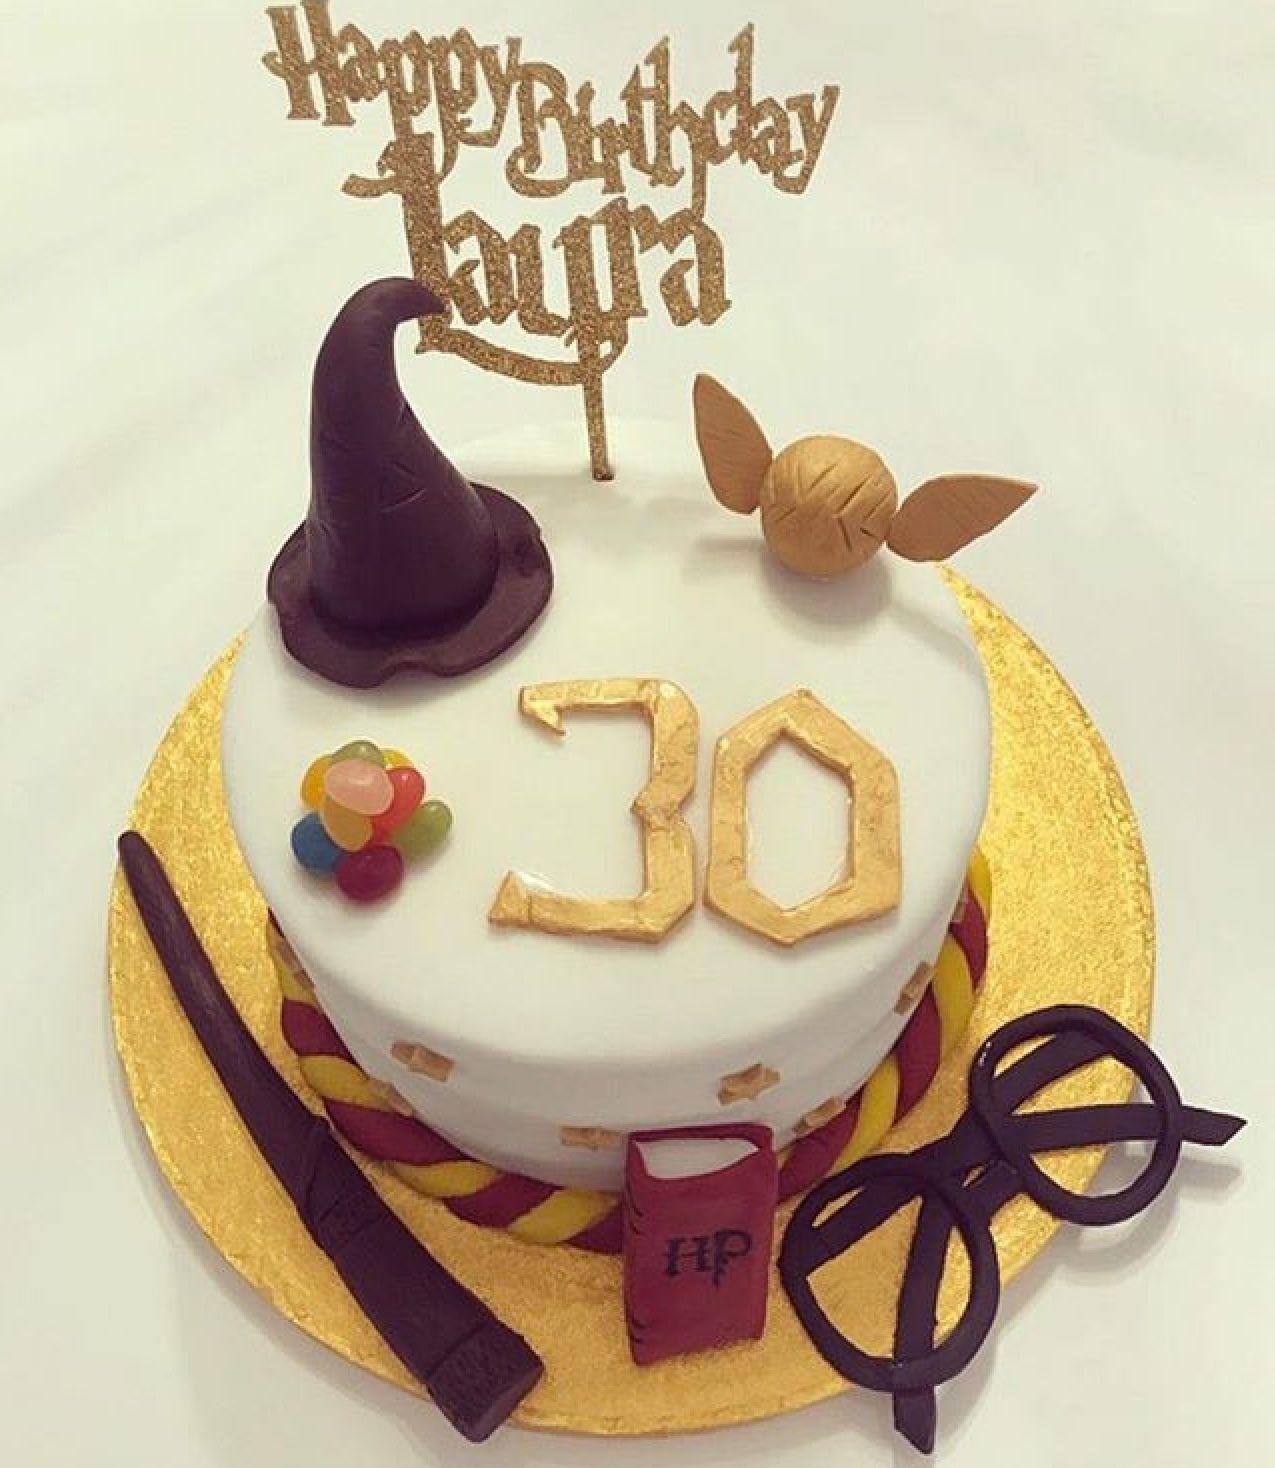 Harry Potter 30th Birthday Cake Cake 30 Birthday Cake Birthday Cake